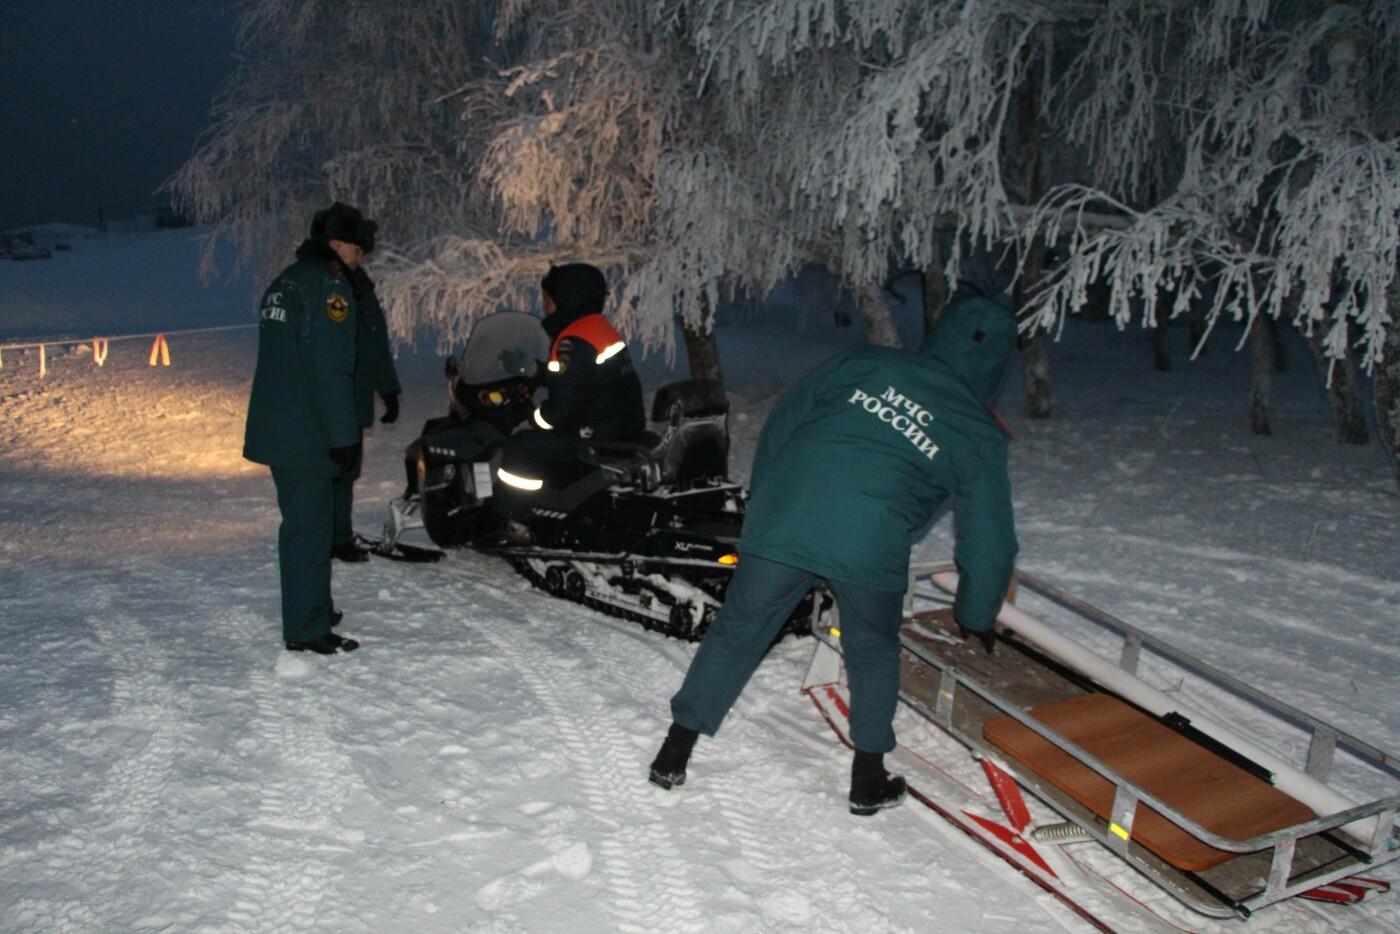 ВИДЕО: спасатели почти 12 часов оказывали помощь туристам, заблокированным на плато Ай-Петри, фото-3